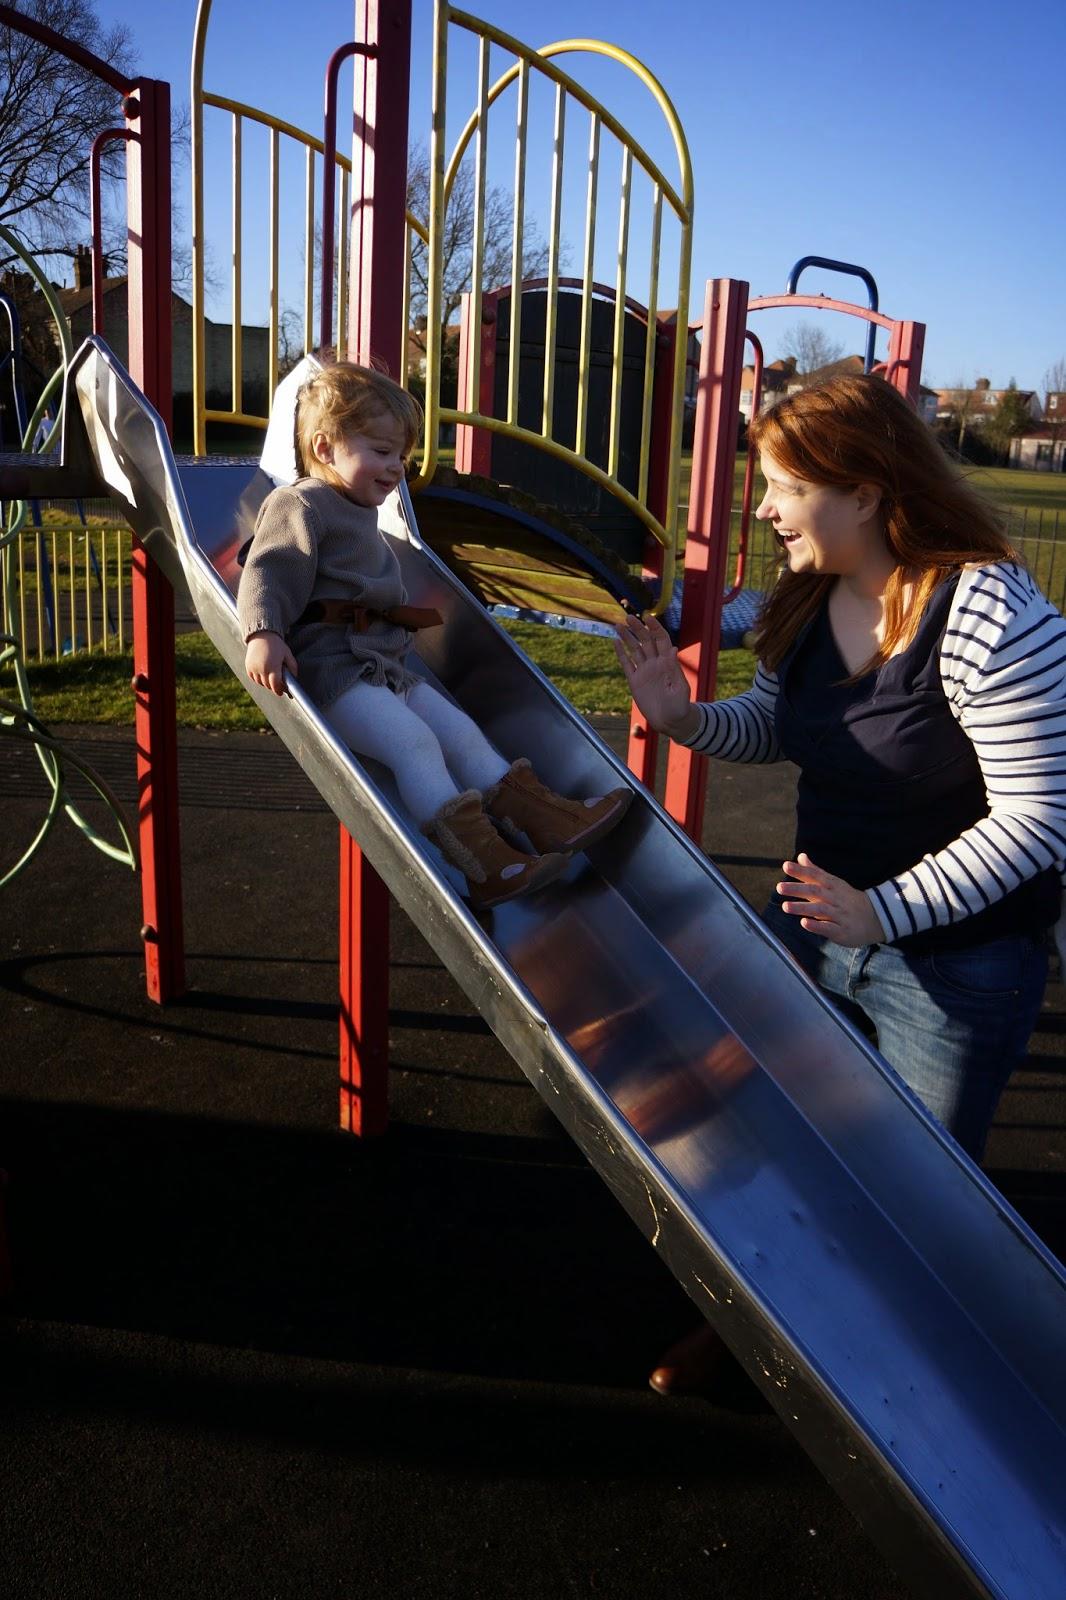 toddler girl sliding down a park slide